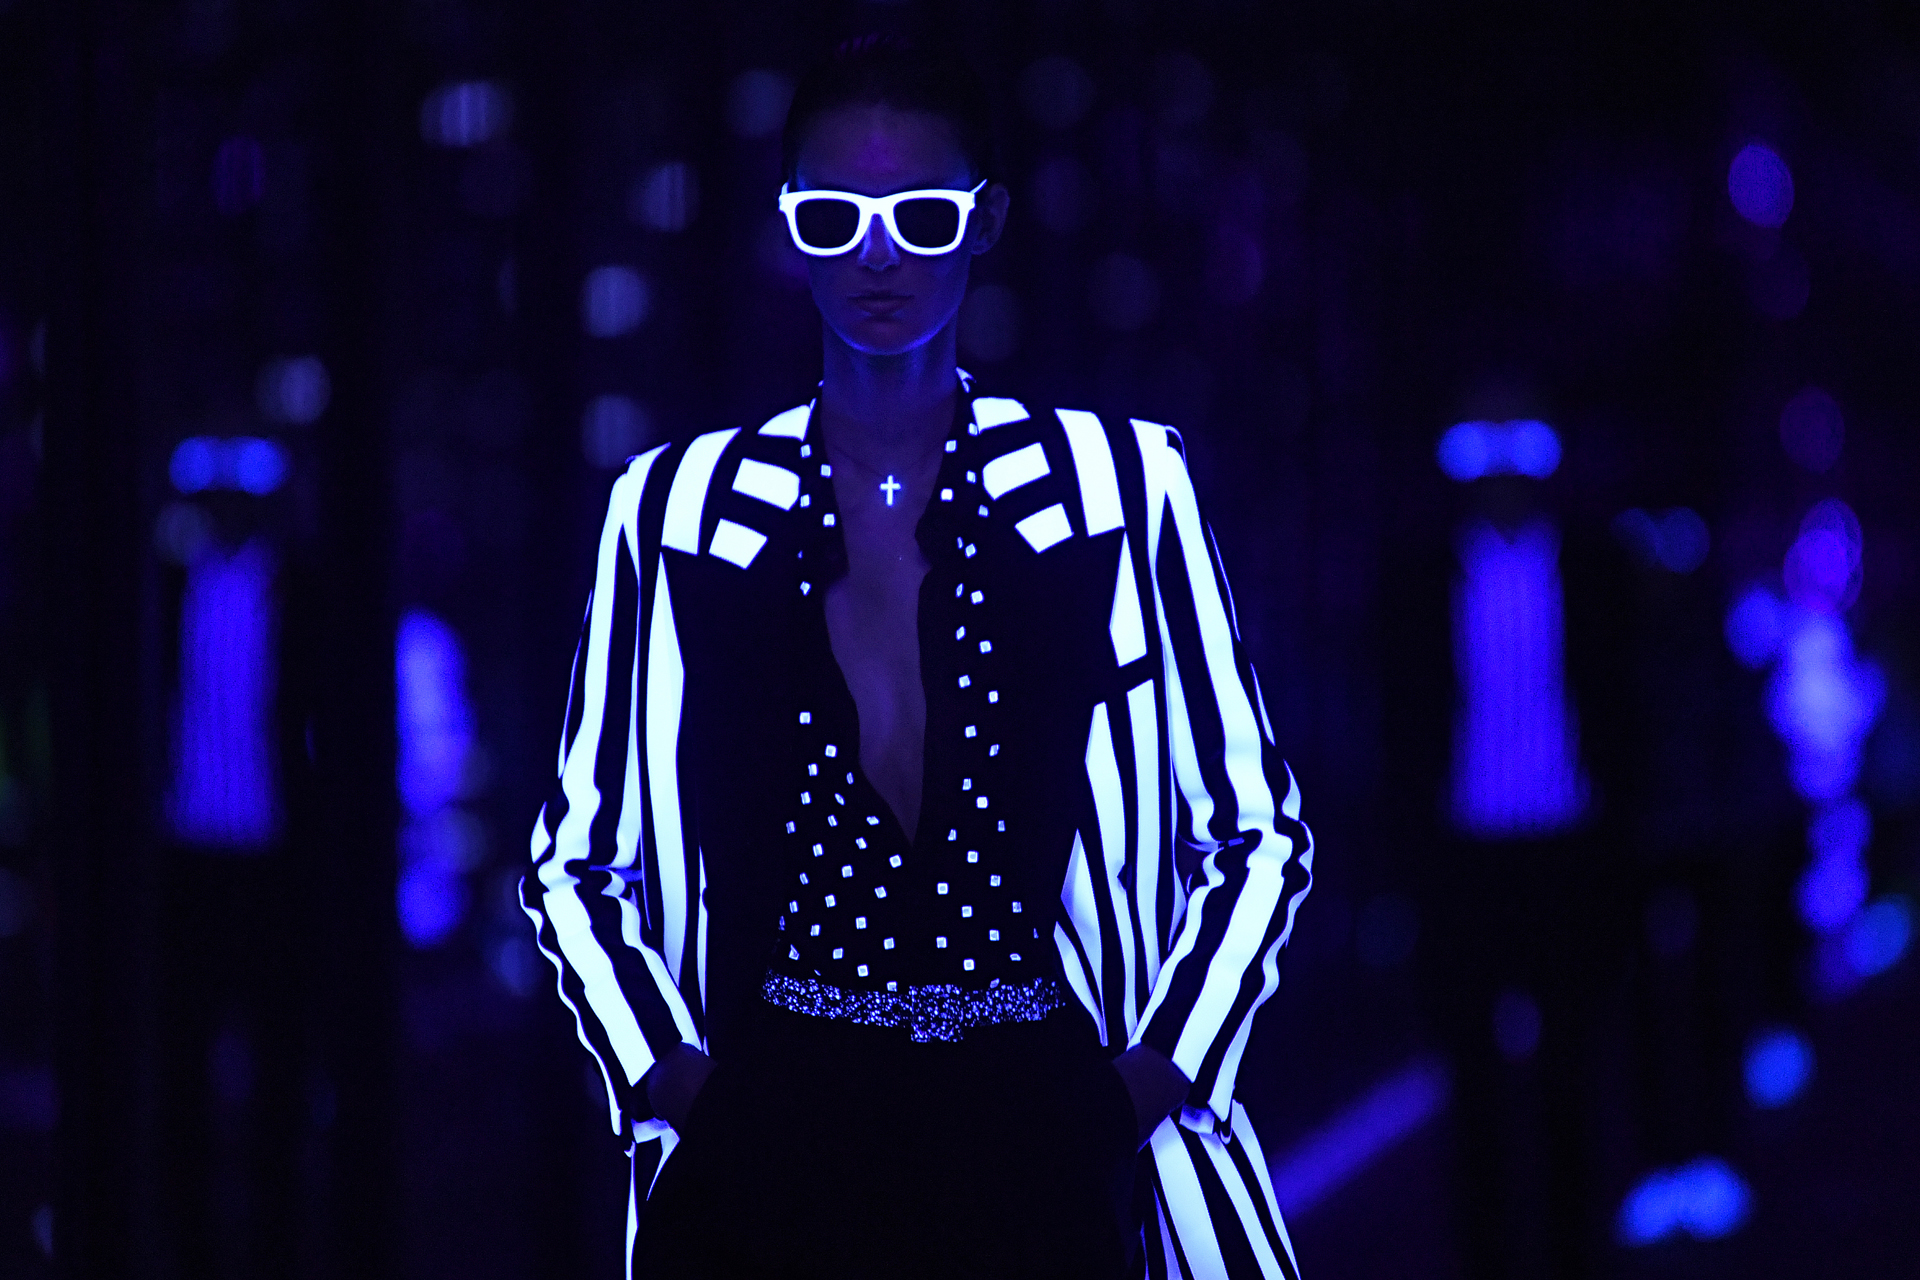 El efecto neón también llegó al esmoquin. Un saco rayado en blanco y negro, con blusa de polka dots, cinturón de glitter y pantalón negro